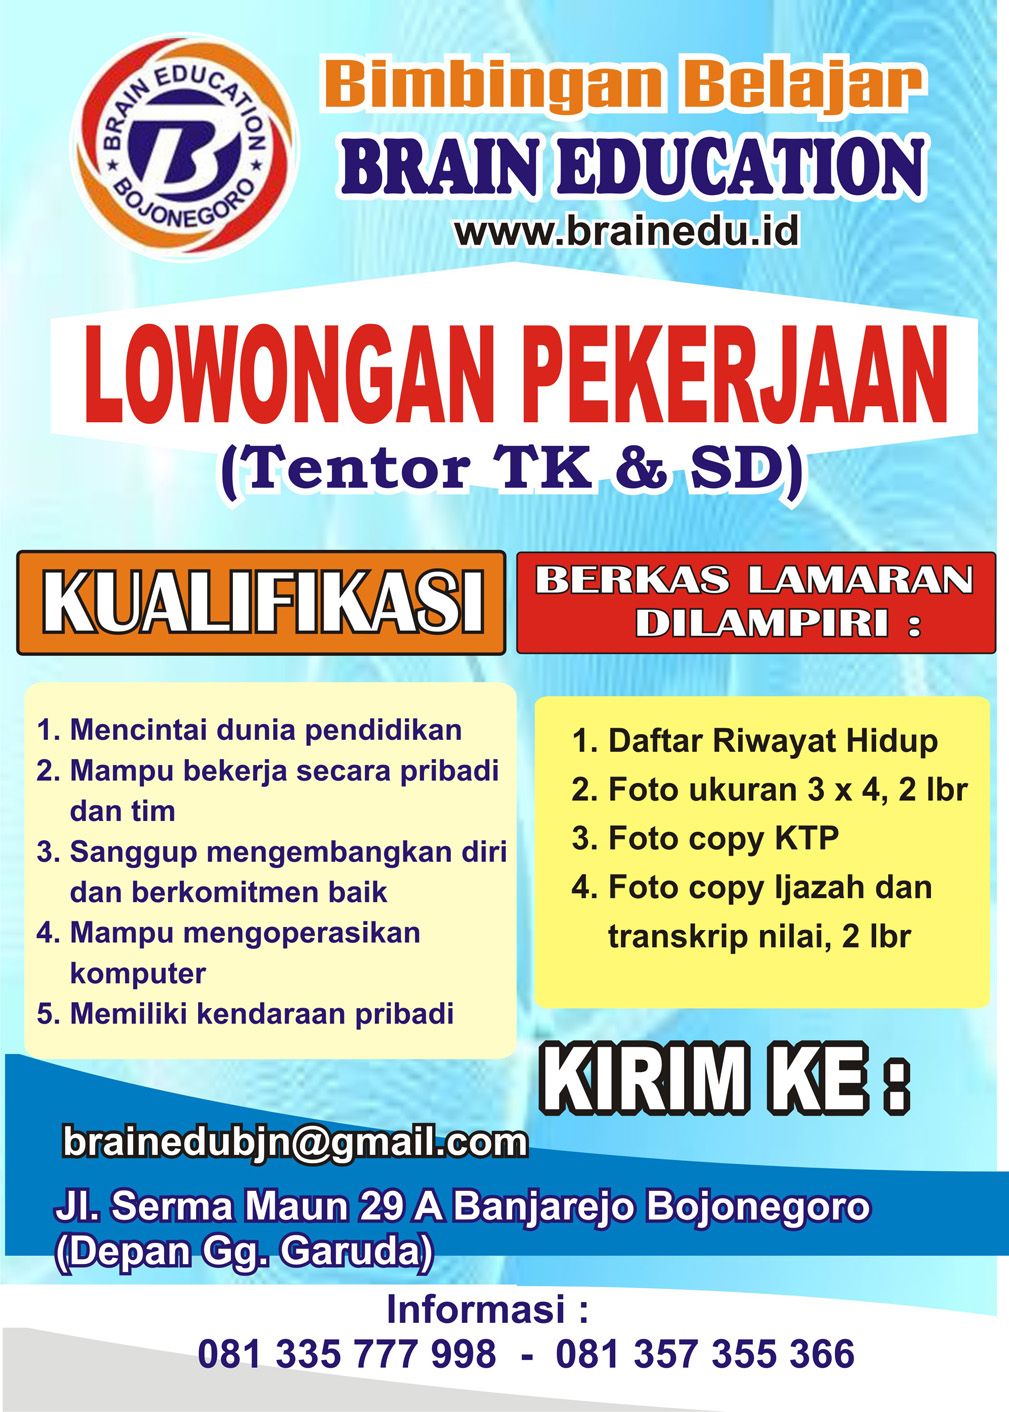 Bimbel Brain Education Bojonegoro